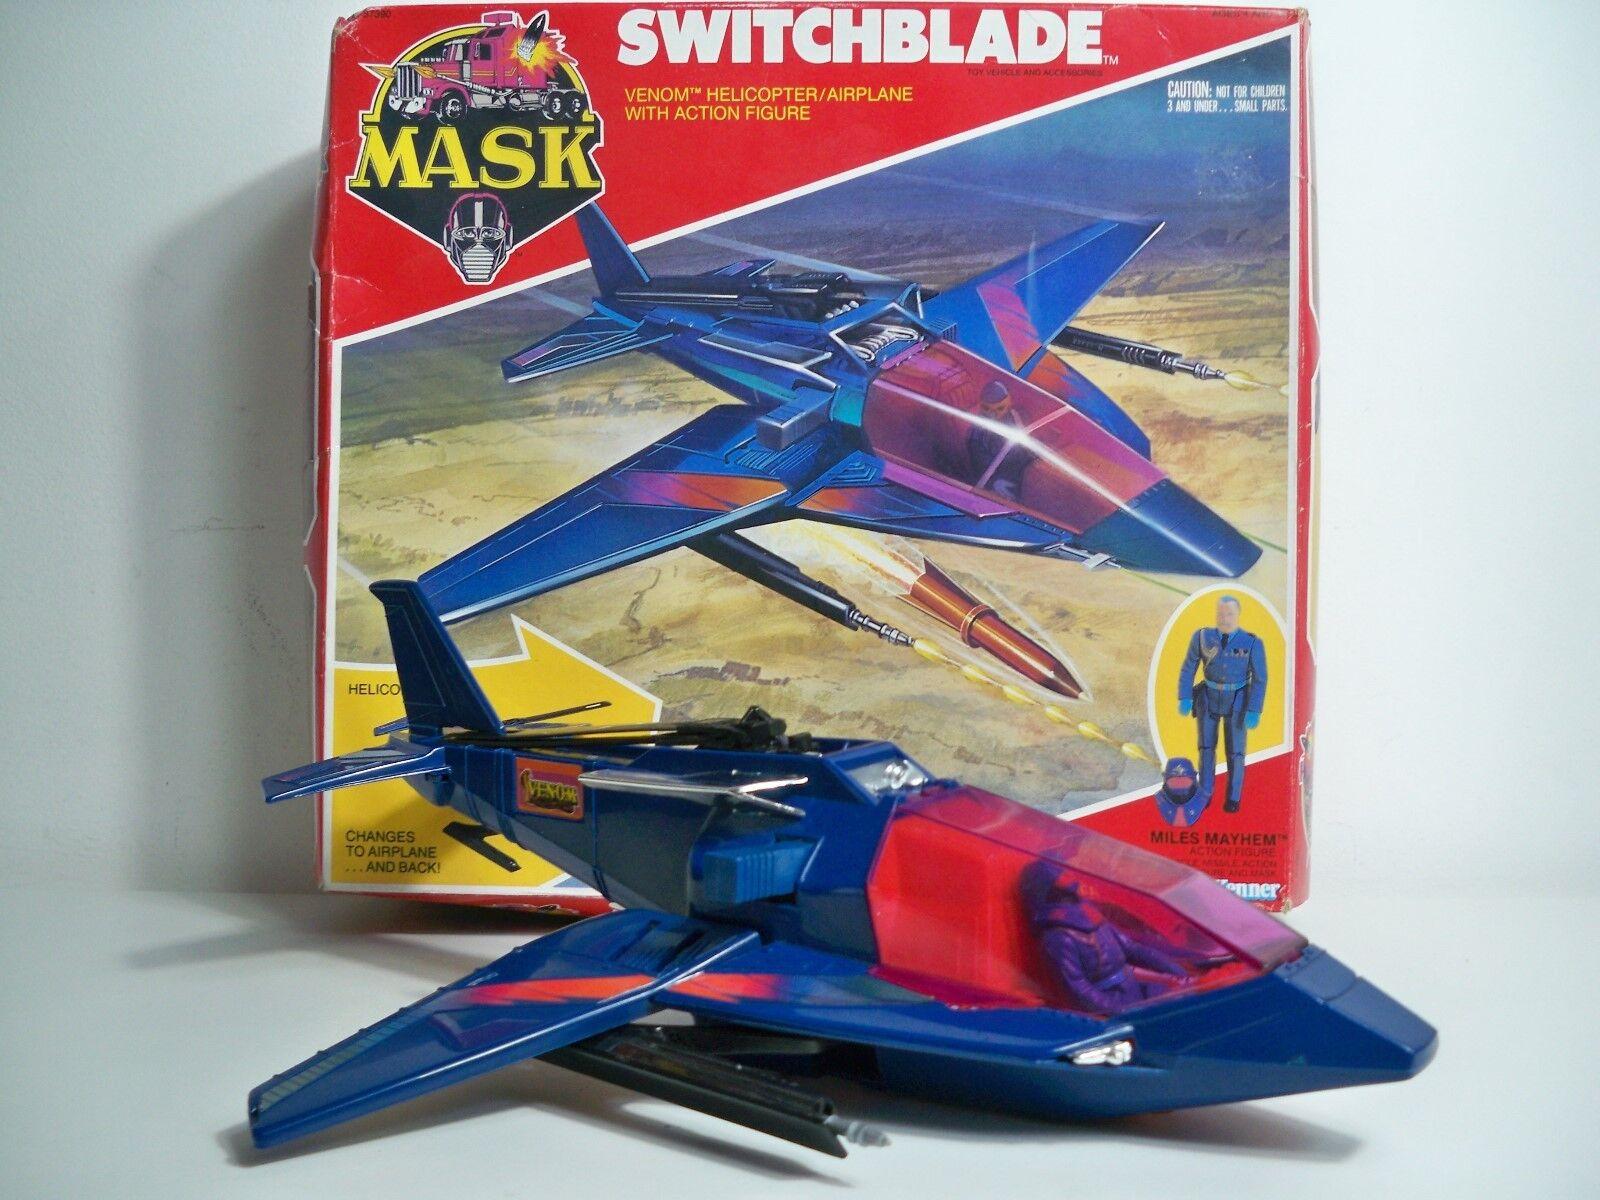 K1805071 SWITCHBLADE W BOX & FIGURE 100% COMPLETE MASK 1985 VINTAGE KENNER